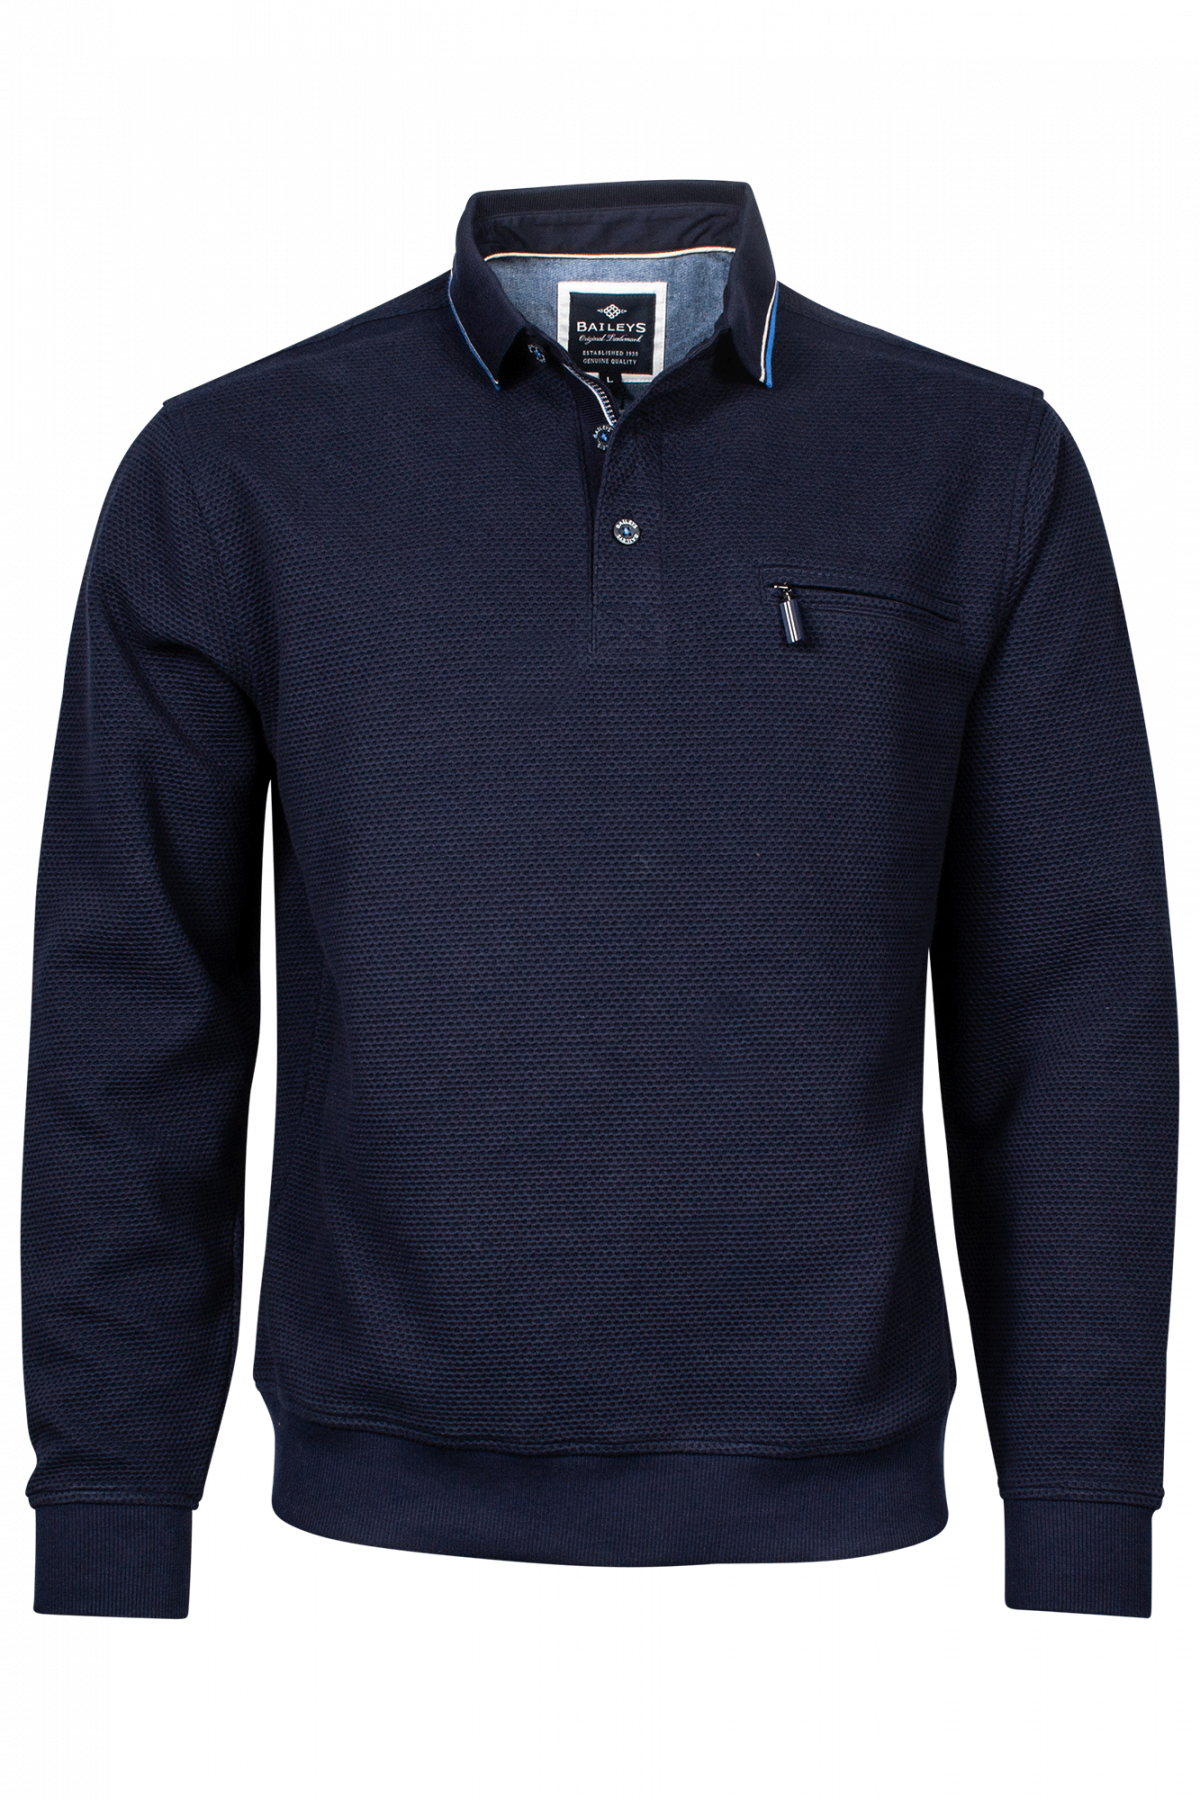 113010 55 - - Con Murphys Menswear